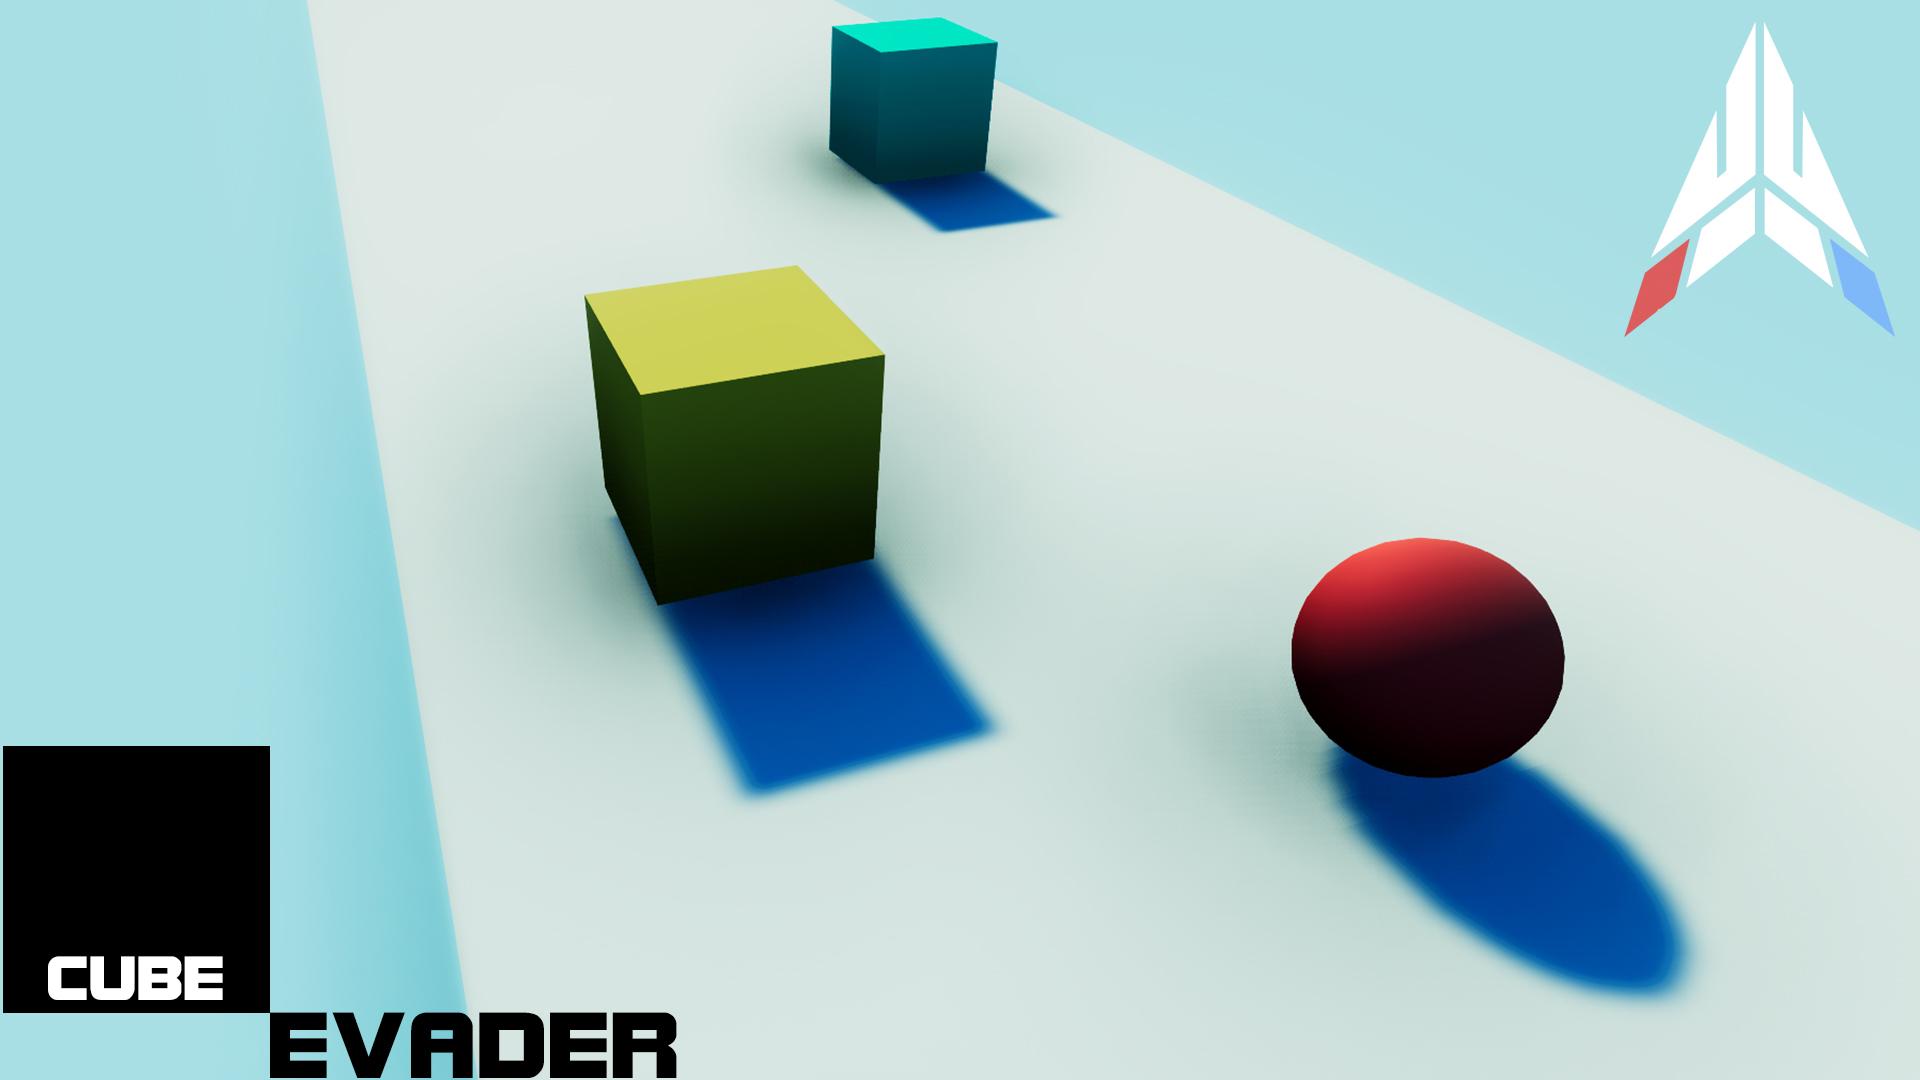 Cube Evader